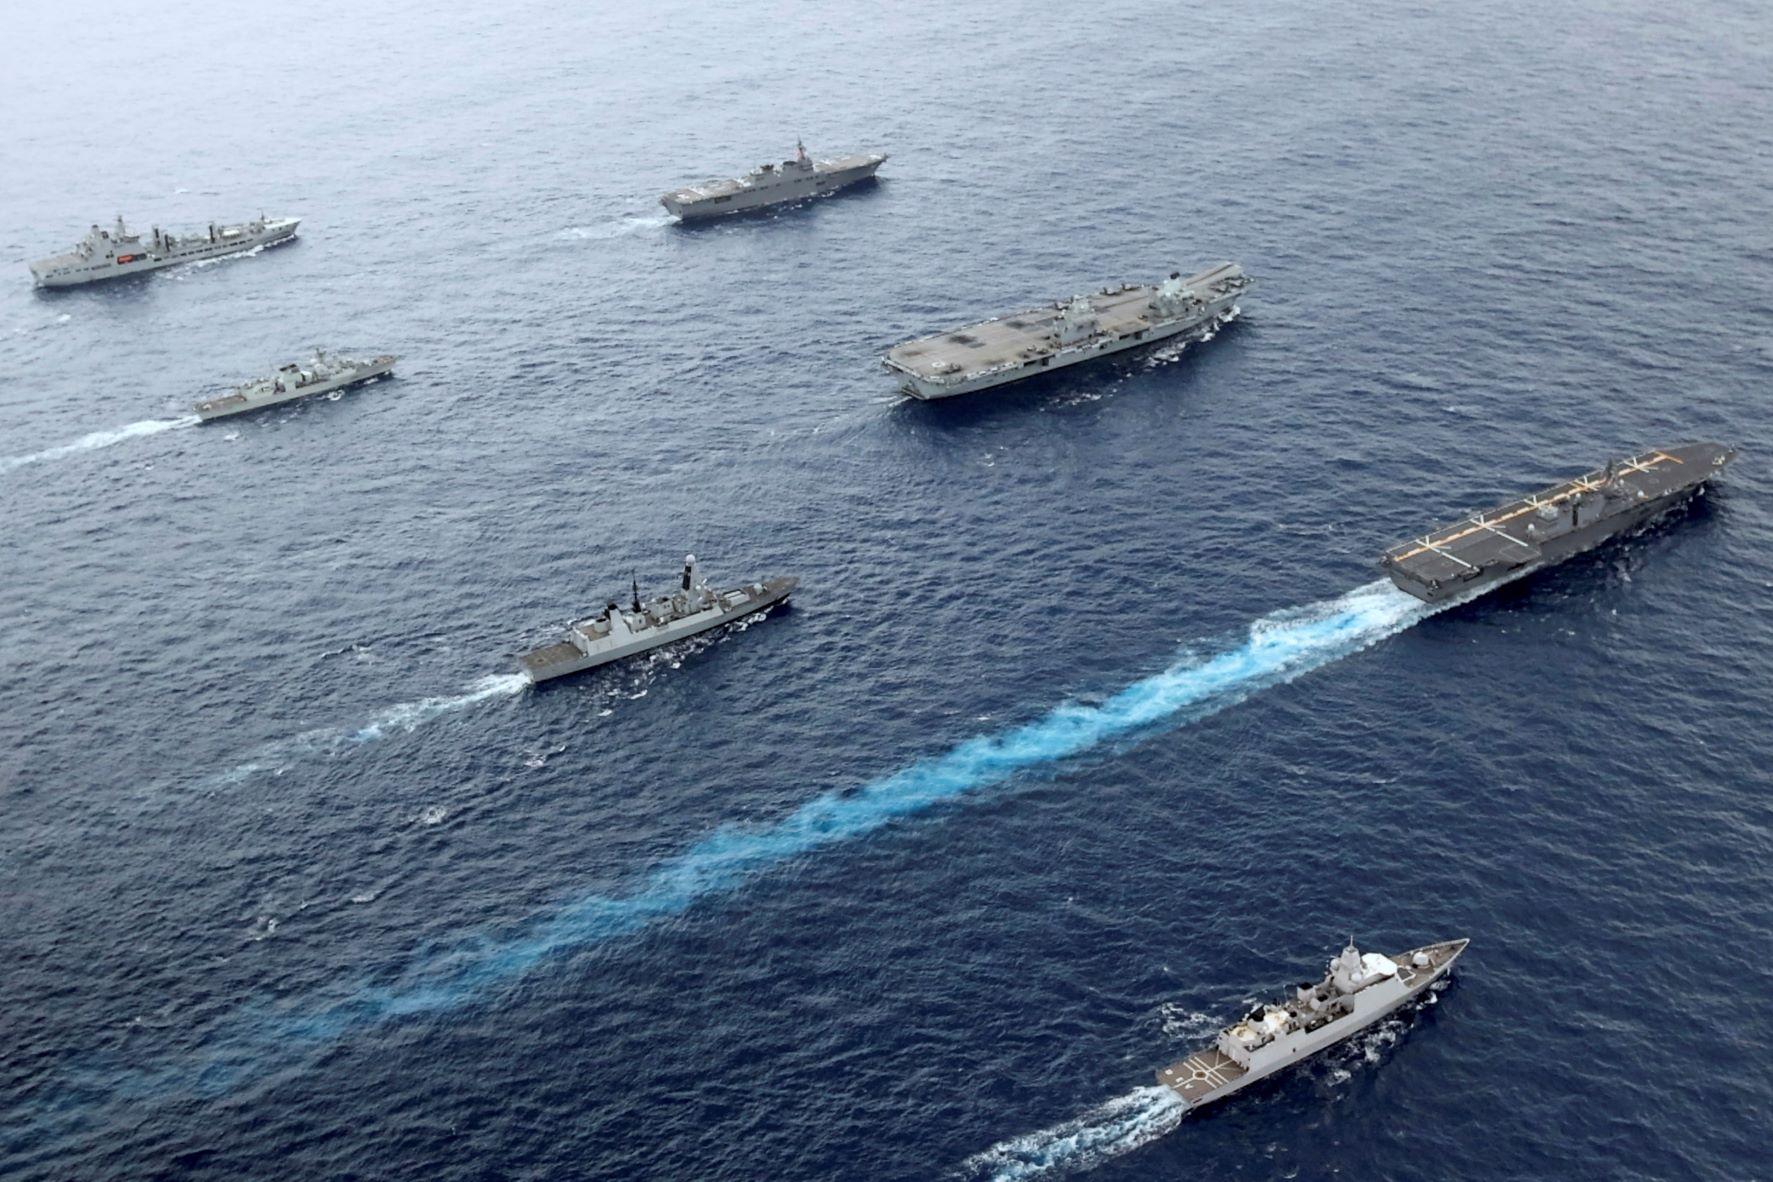 """تكاثرت المناورات البحرية الغربية في المحيطين الهادئ والهندي بعد توقيع اتفاق """"أوكوس"""""""